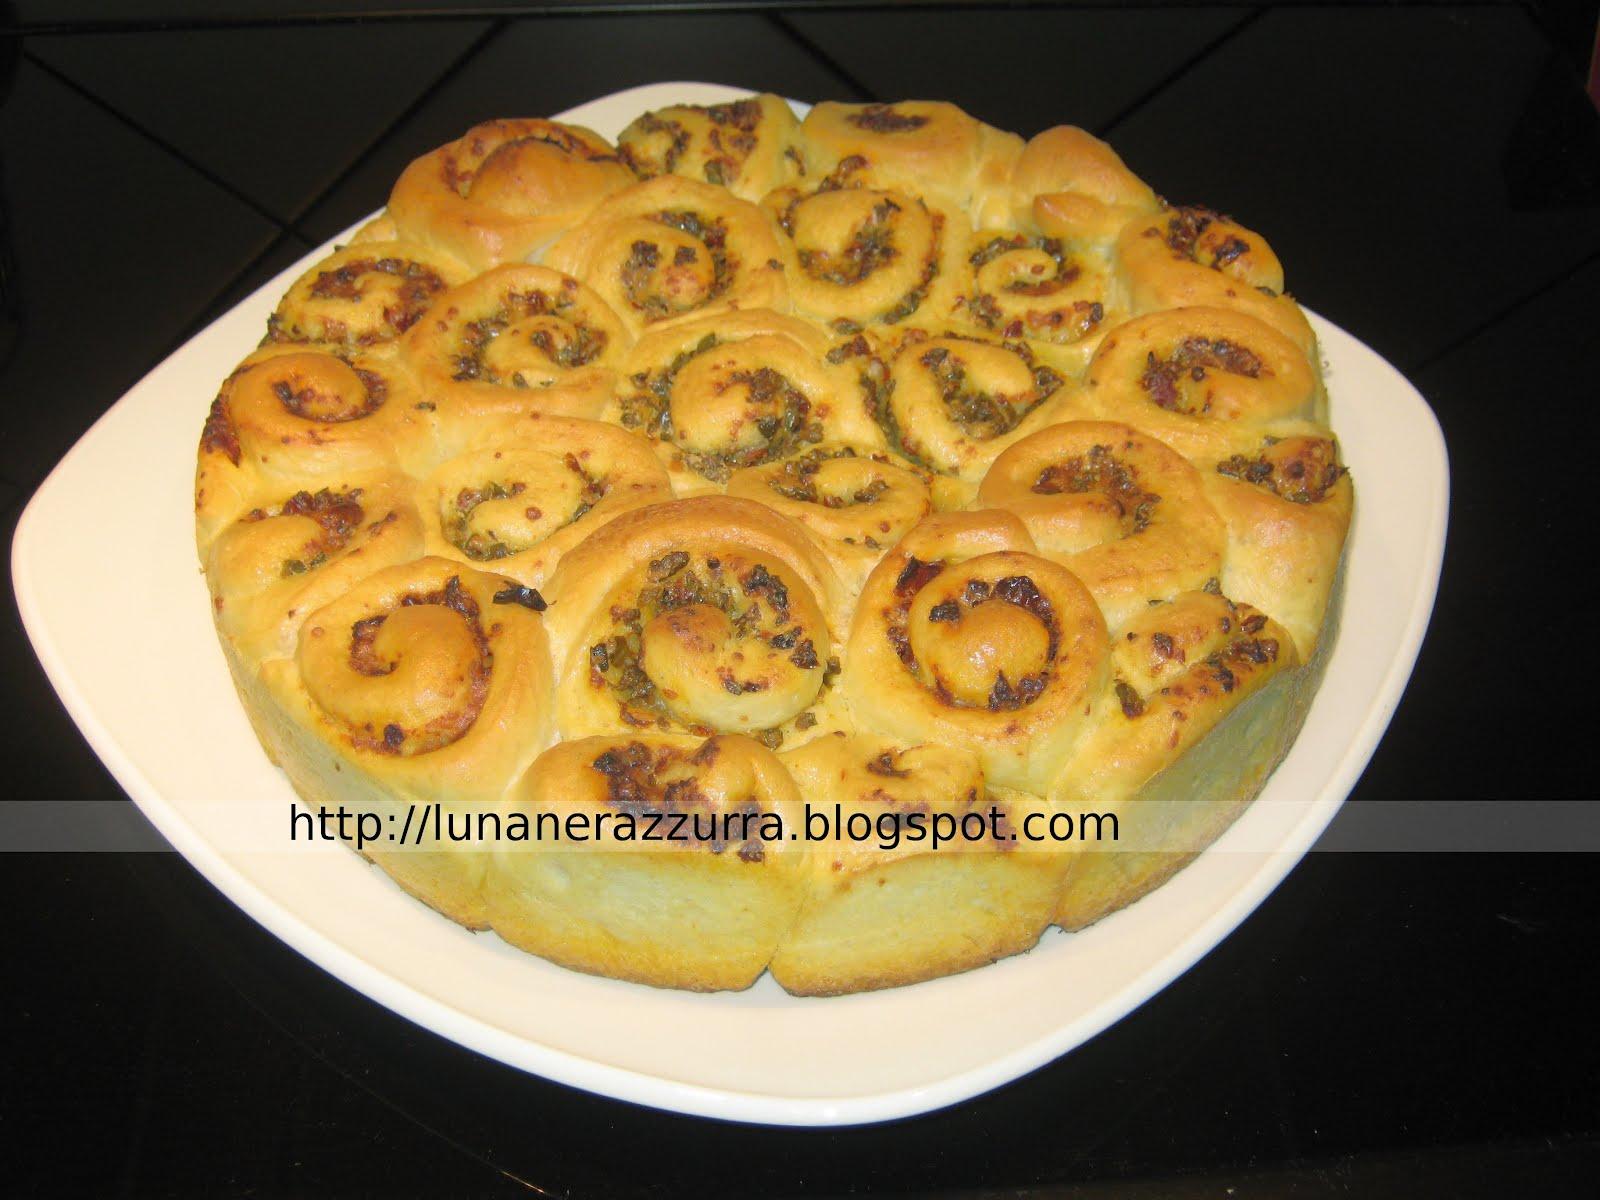 Ricetta Torta Con 1 Uovo.3 Bp Blogspot Com Tvggtcjfg3a Tx2s7vsovdi Aaaaaaa